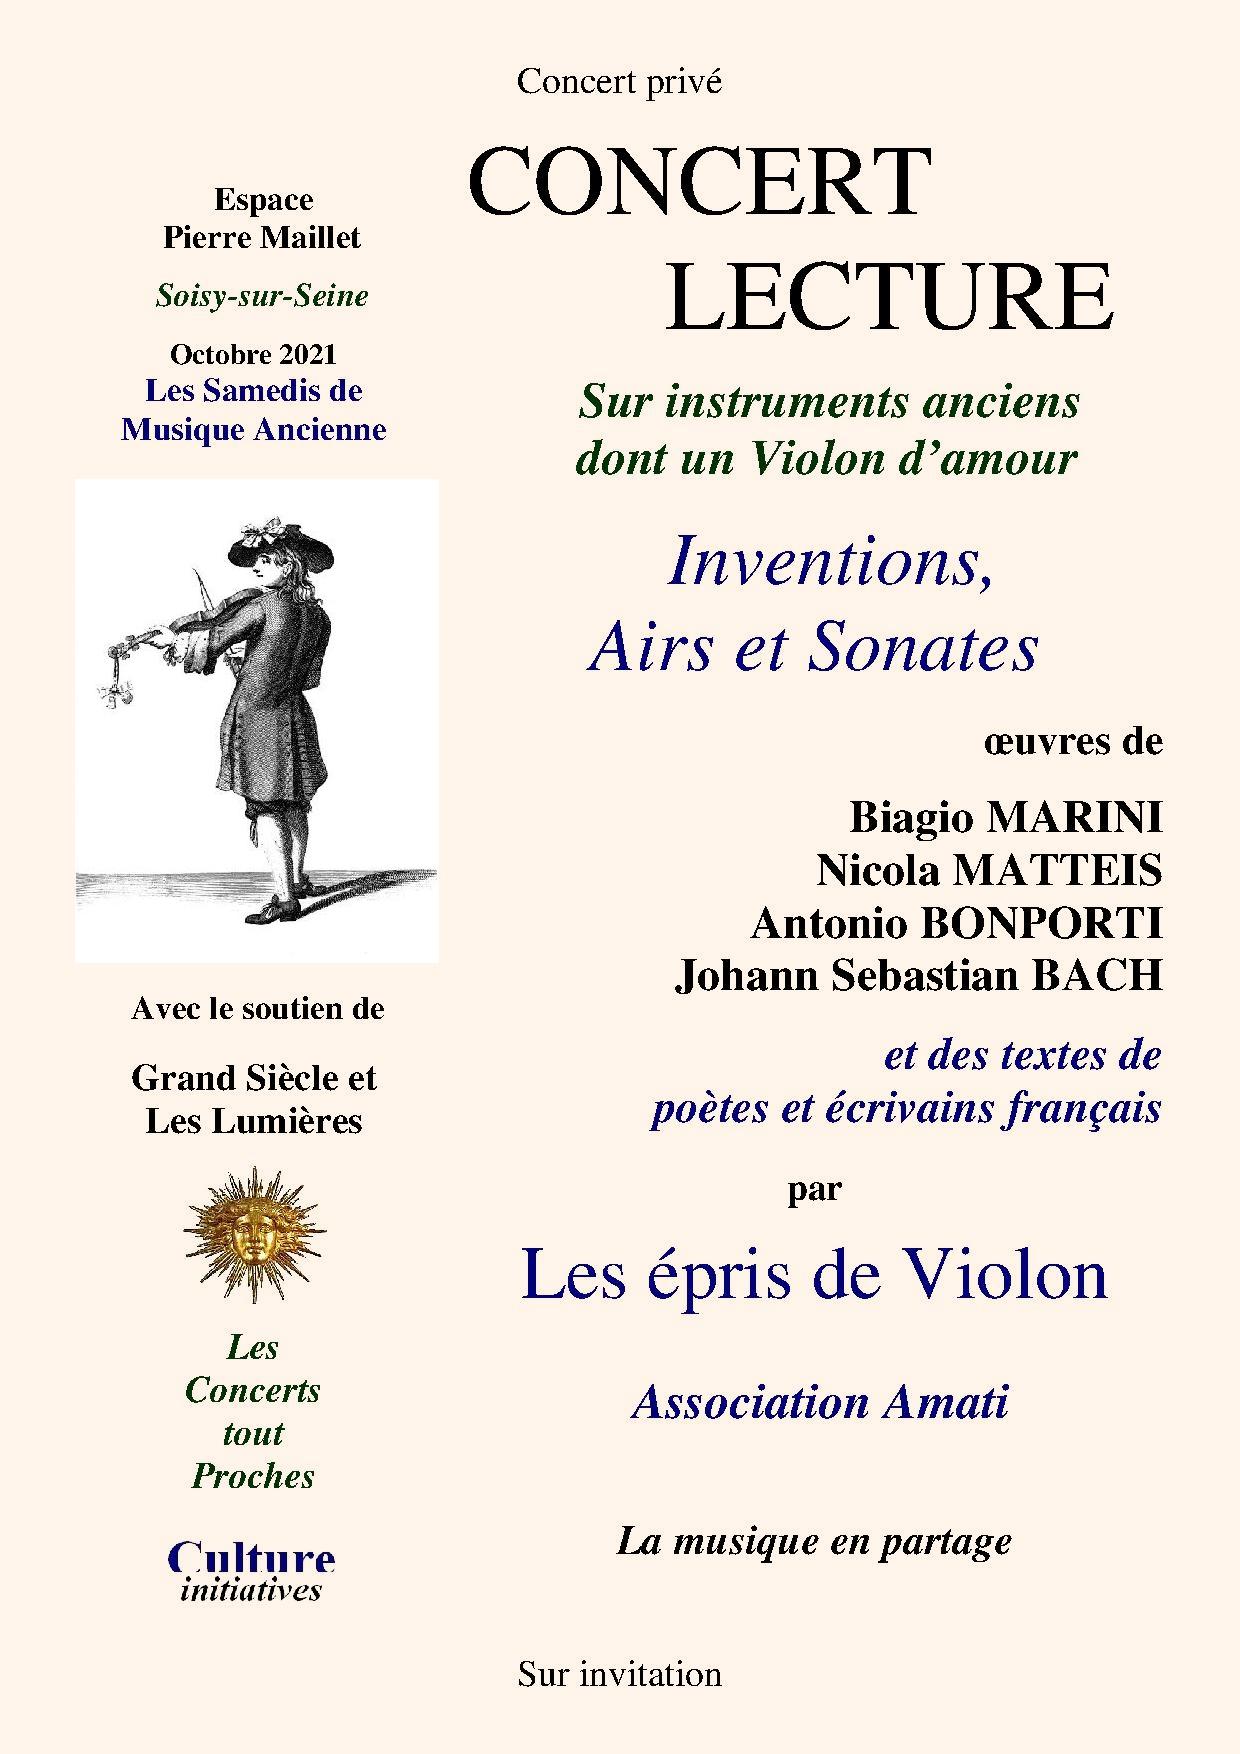 Inventions, Airs et Sonates